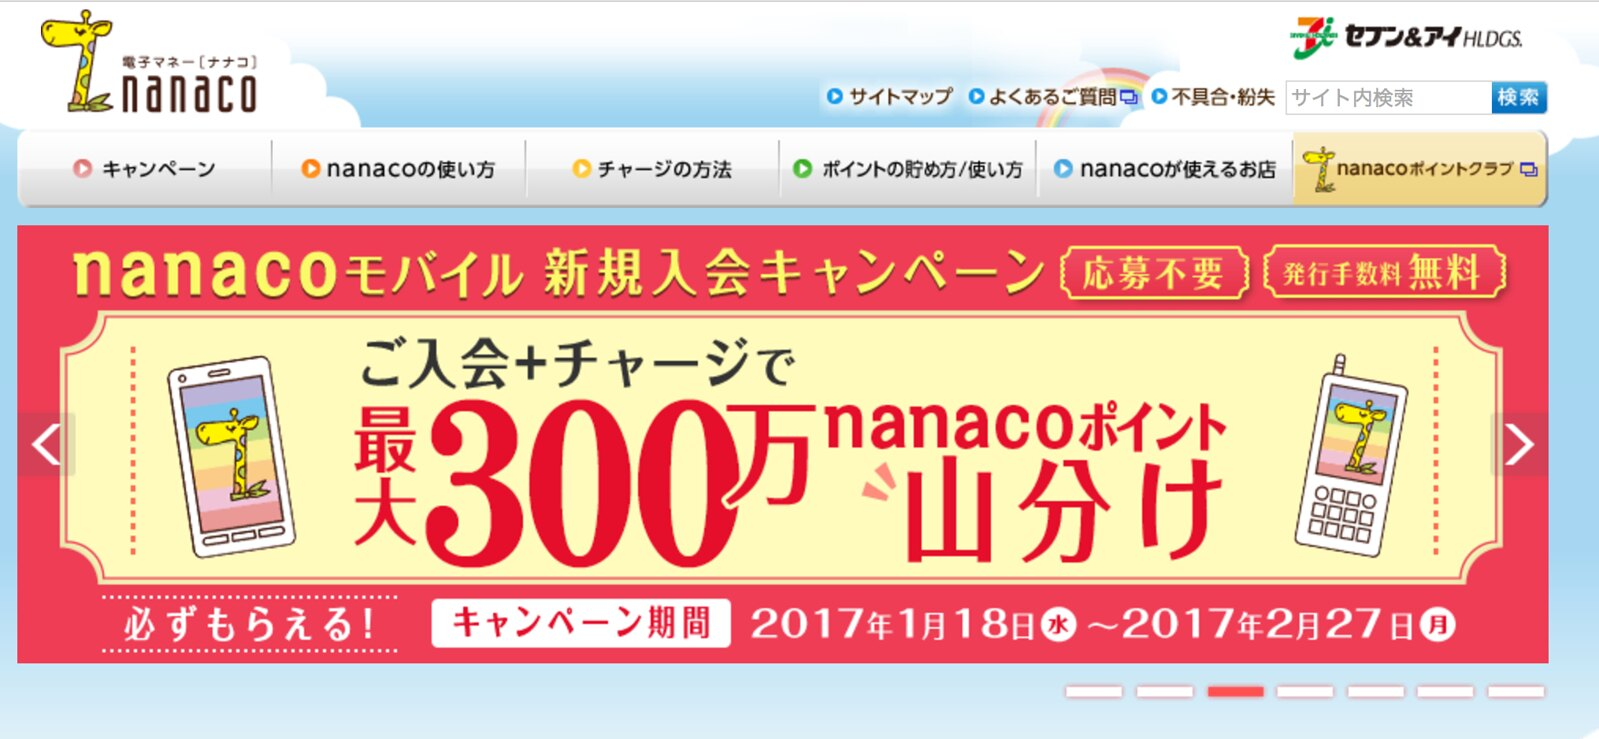 スクリーンショット 2017-02-08 01.01.32